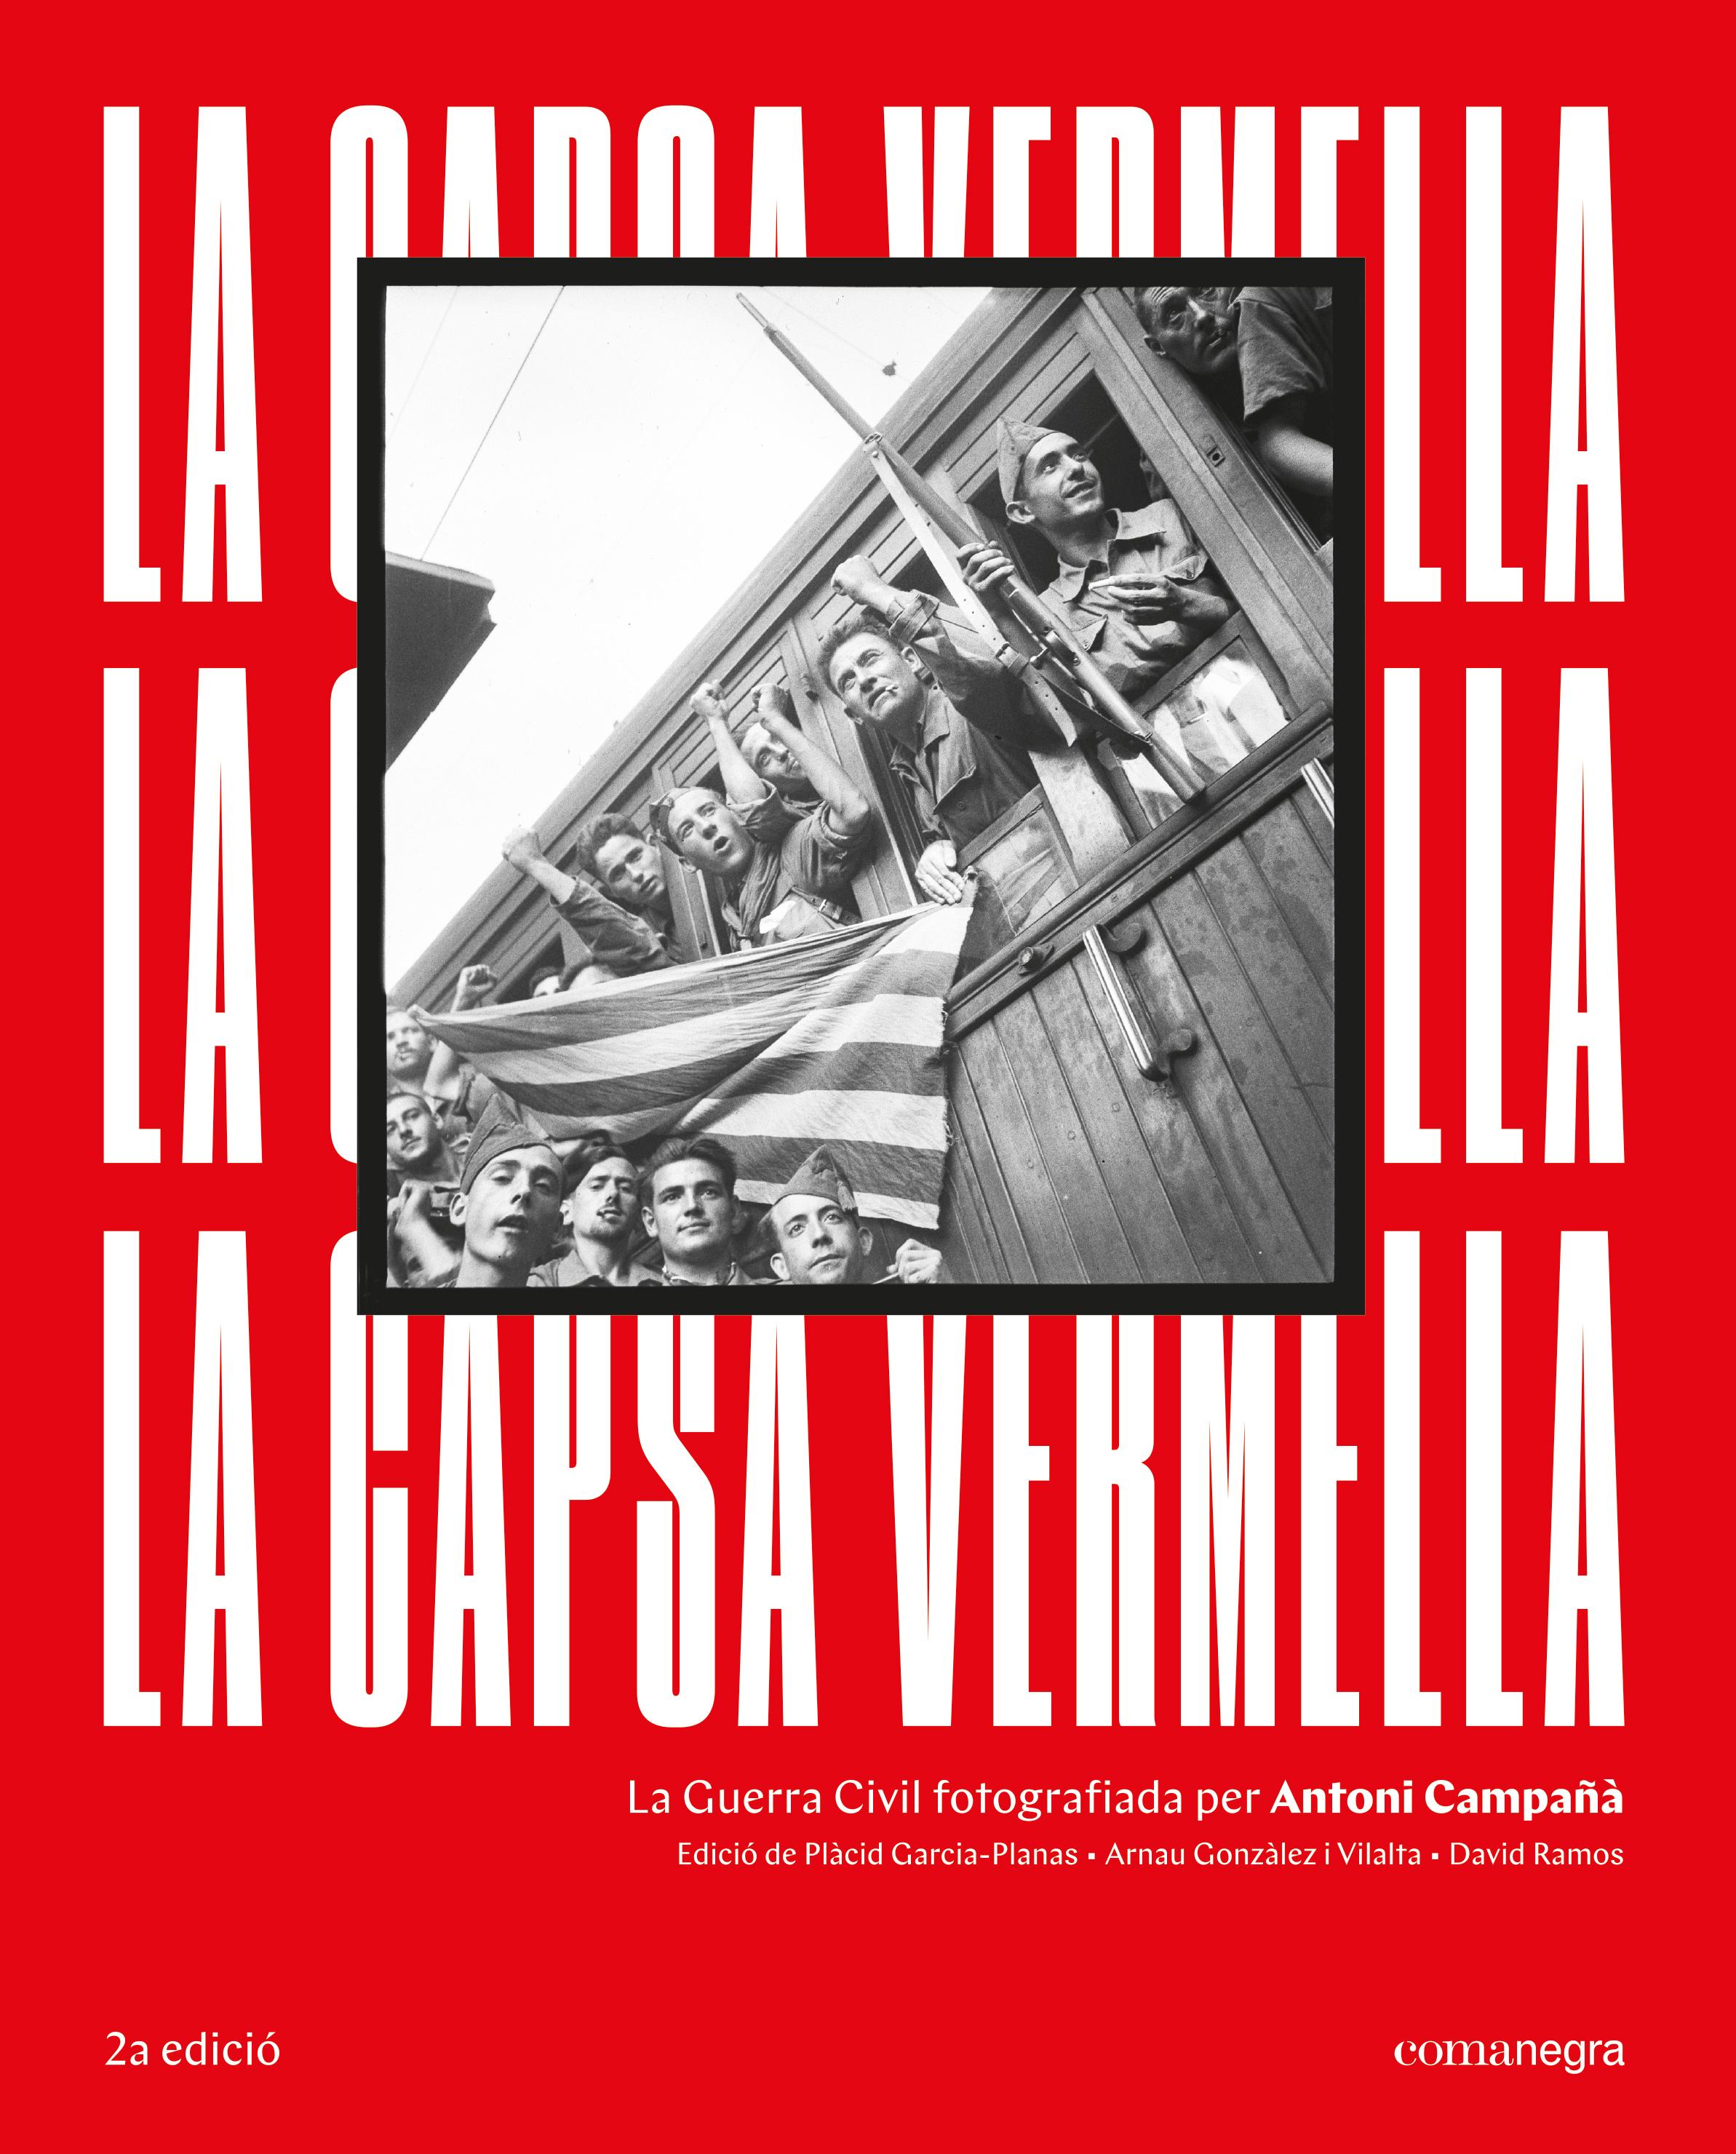 La capsa vermella (2a edició)   «La Guerra Civil fotografiada per Antoni Campañà»